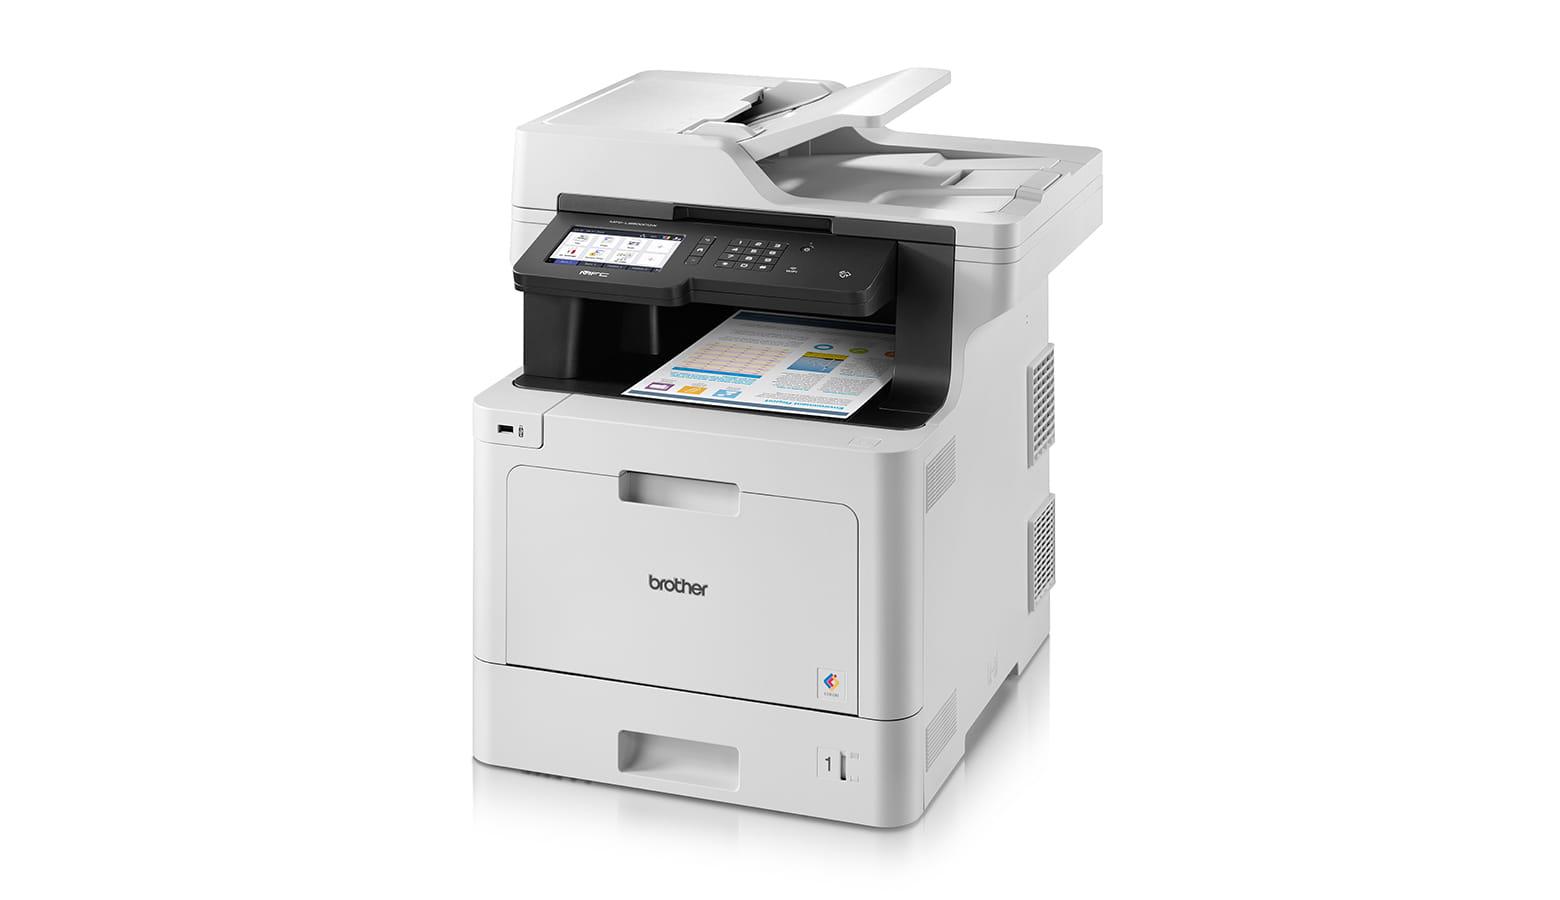 Stampante Brother MFC-L8900CDW maggiore efficienza e riduzione costi